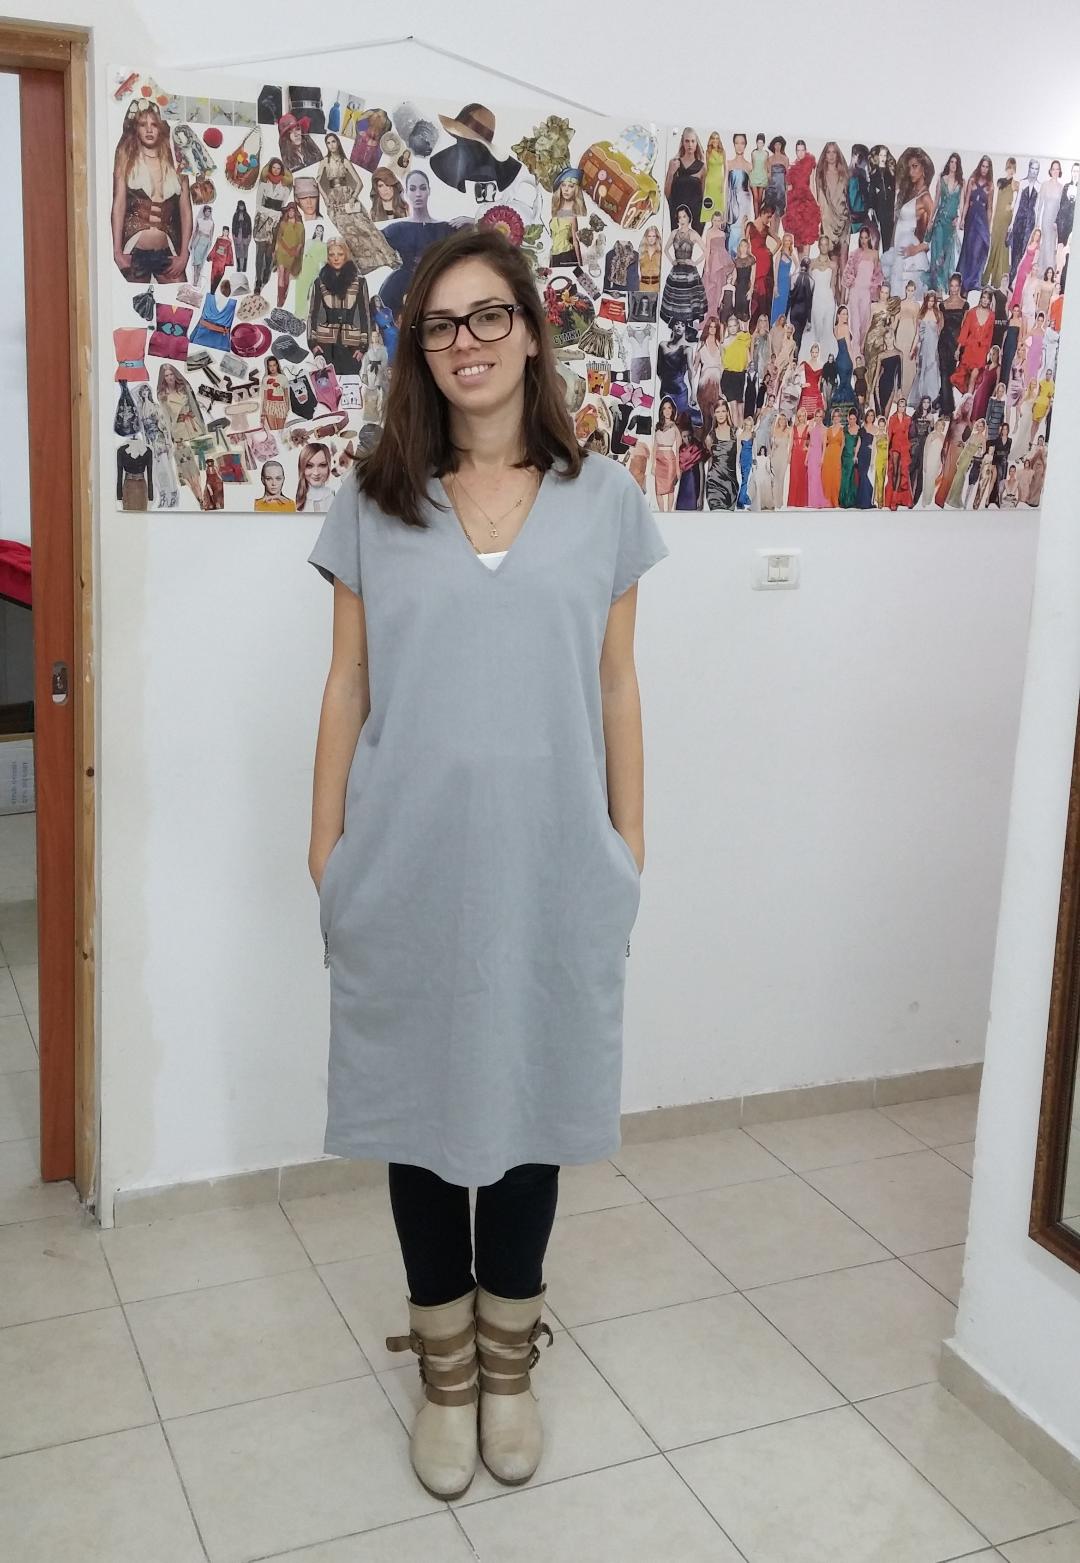 לובה בשמלה שתפרה מגיזרה מבורדה